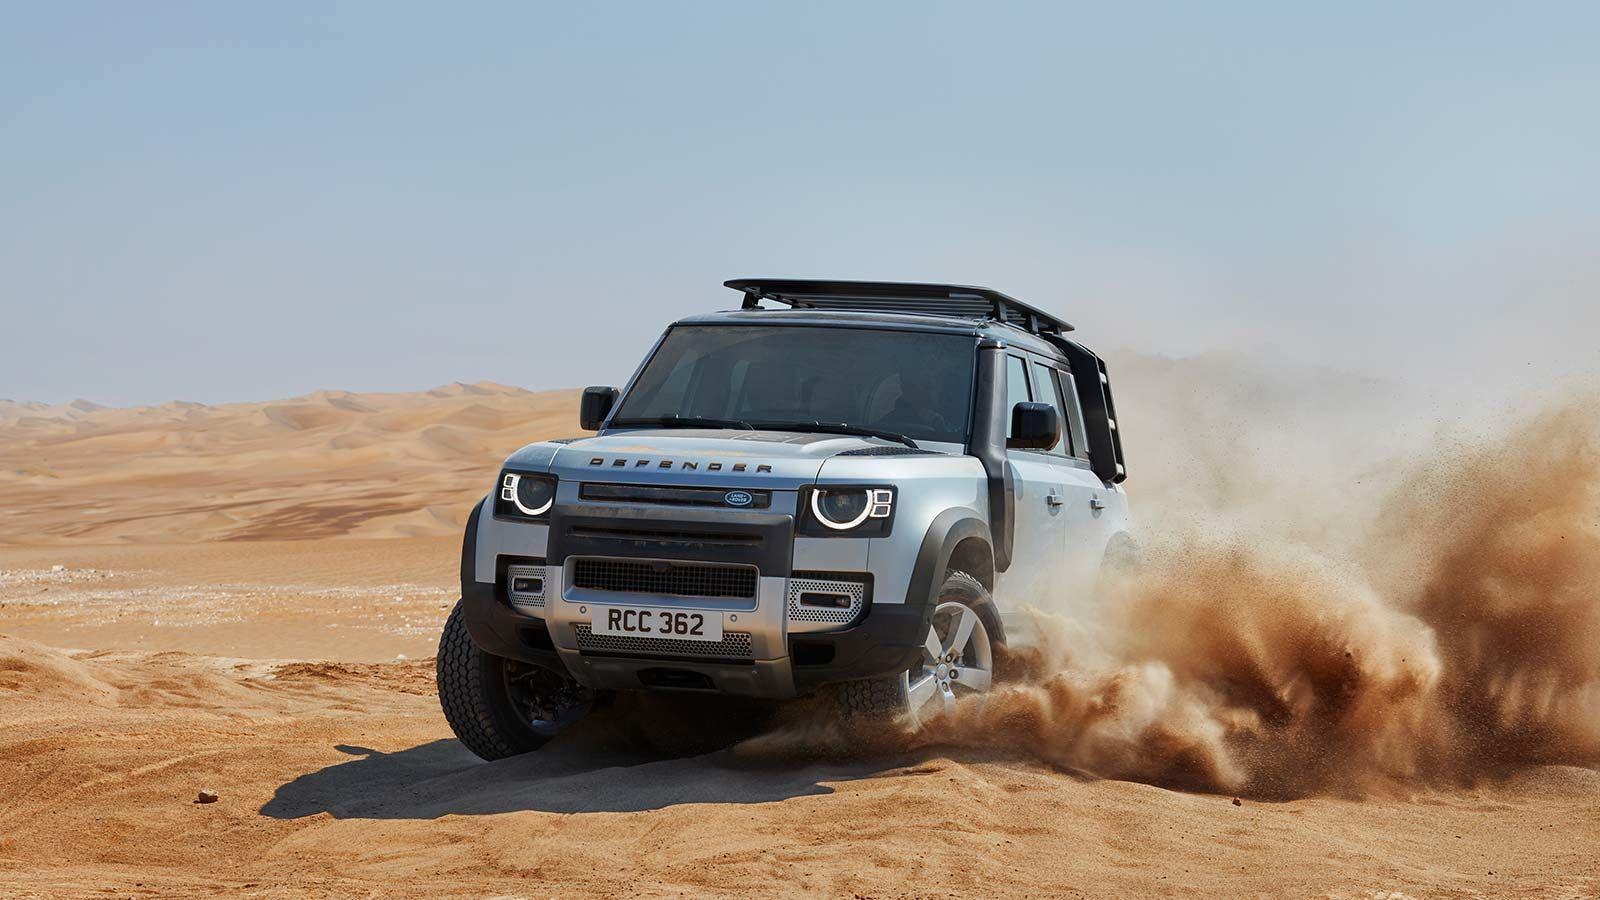 Land Rover Defender 2020 precio en México Es una SUV que está lista para cualquier terreno